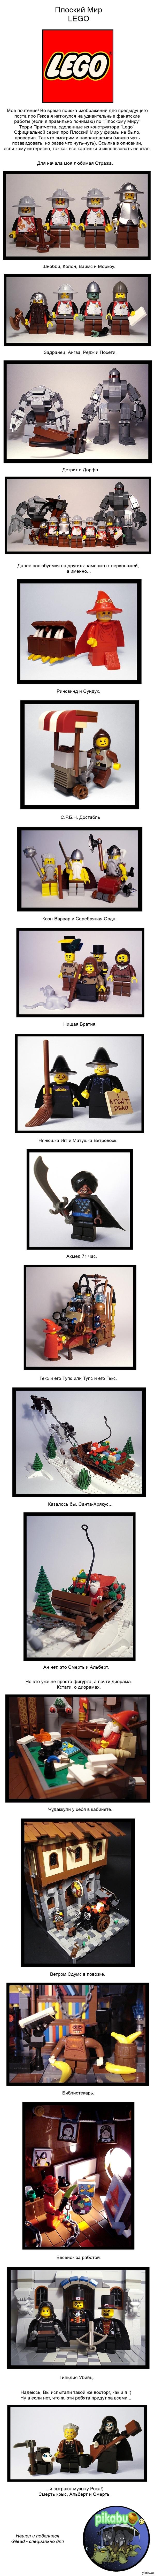 Плоский Мир. Лего (Длиннопост) взято отсюда  https://www.flickr.com/photos/captainsmog/sets/72157617529232368